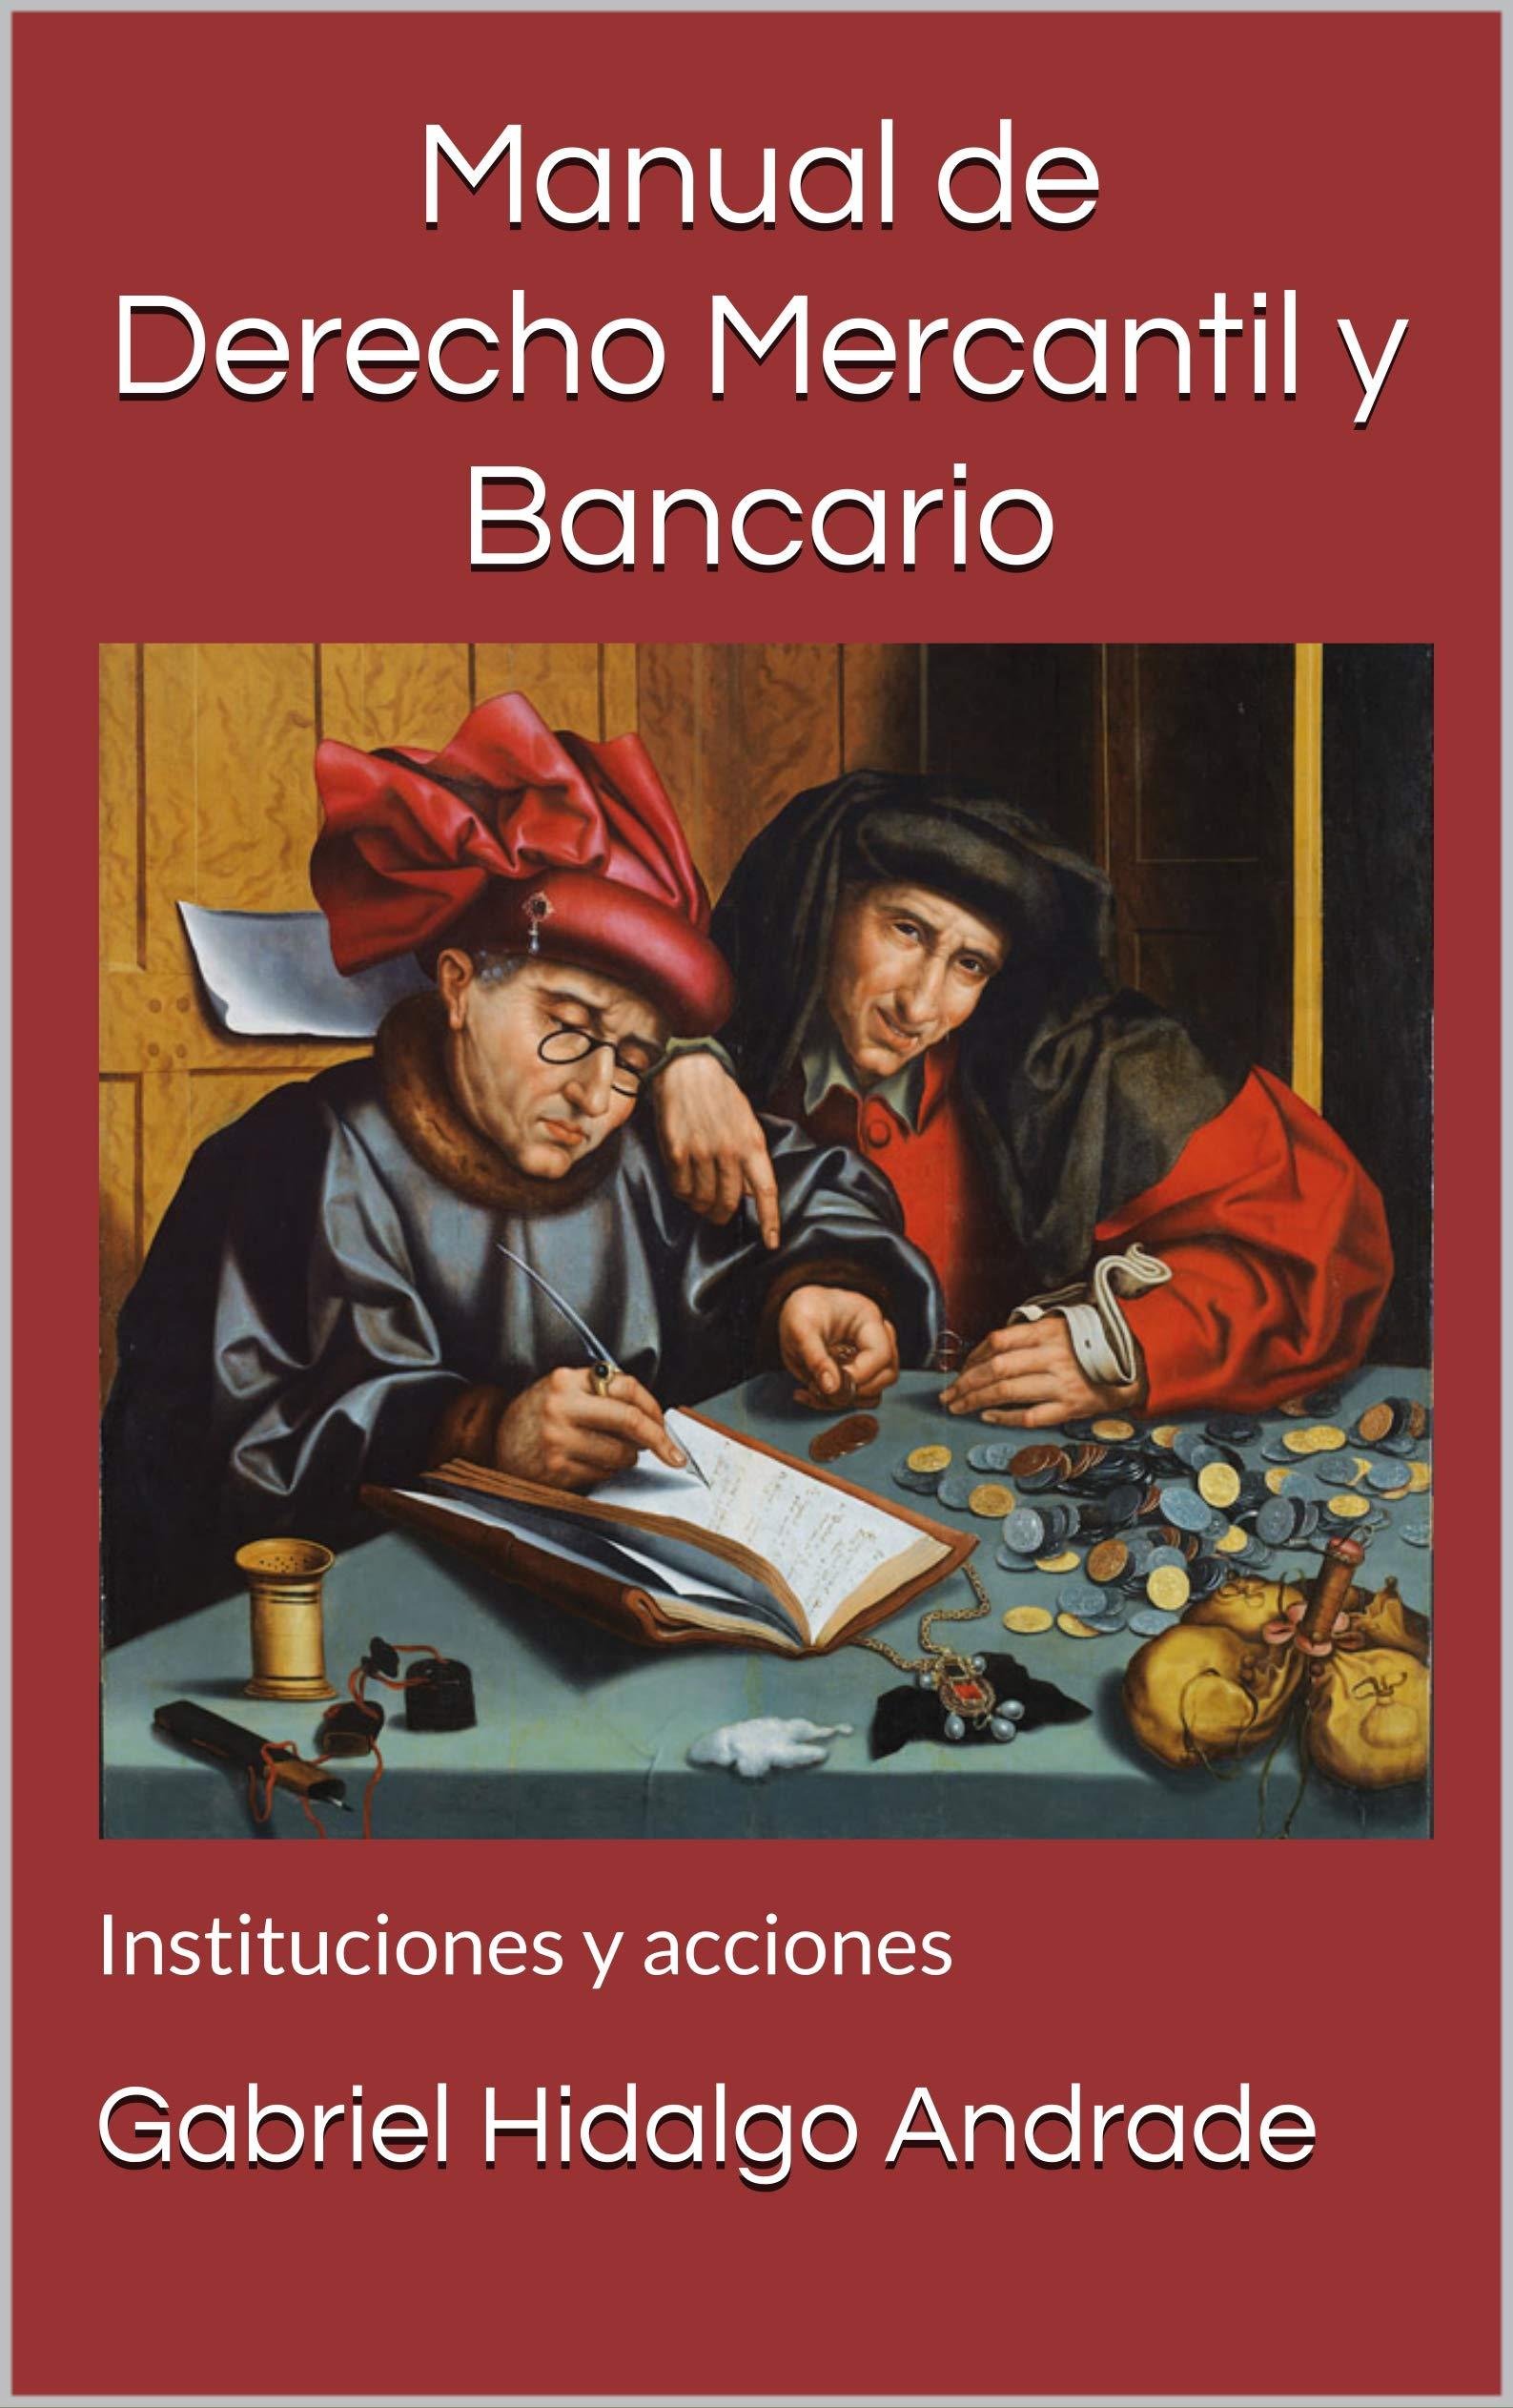 Manual de Derecho Mercantil y Bancario: Instituciones y acciones